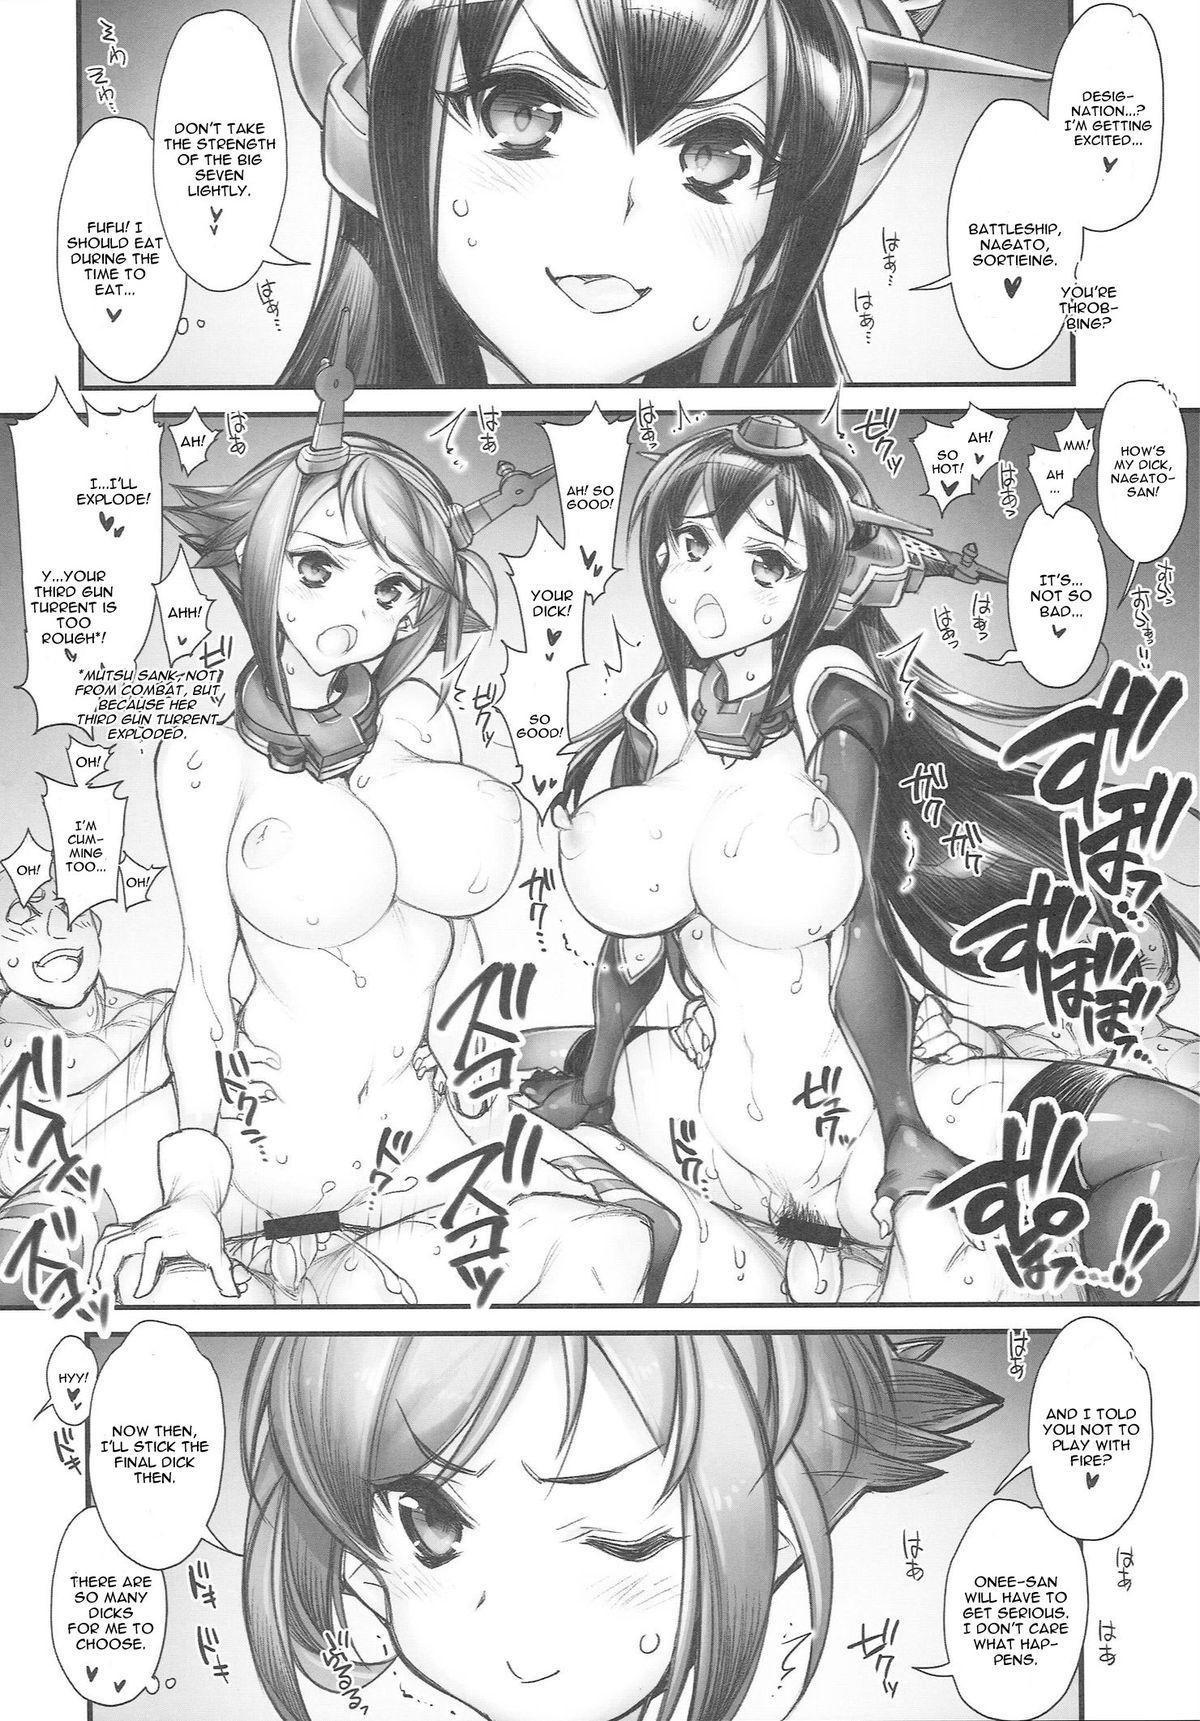 (CT25) [Kashiwa-ya (Hiyo Hiyo)] KanColle -SEX FLEET COLLECTION- Kan-musu Catalog (Kantai Collection -KanColle-) [English] [CGRascal] 60